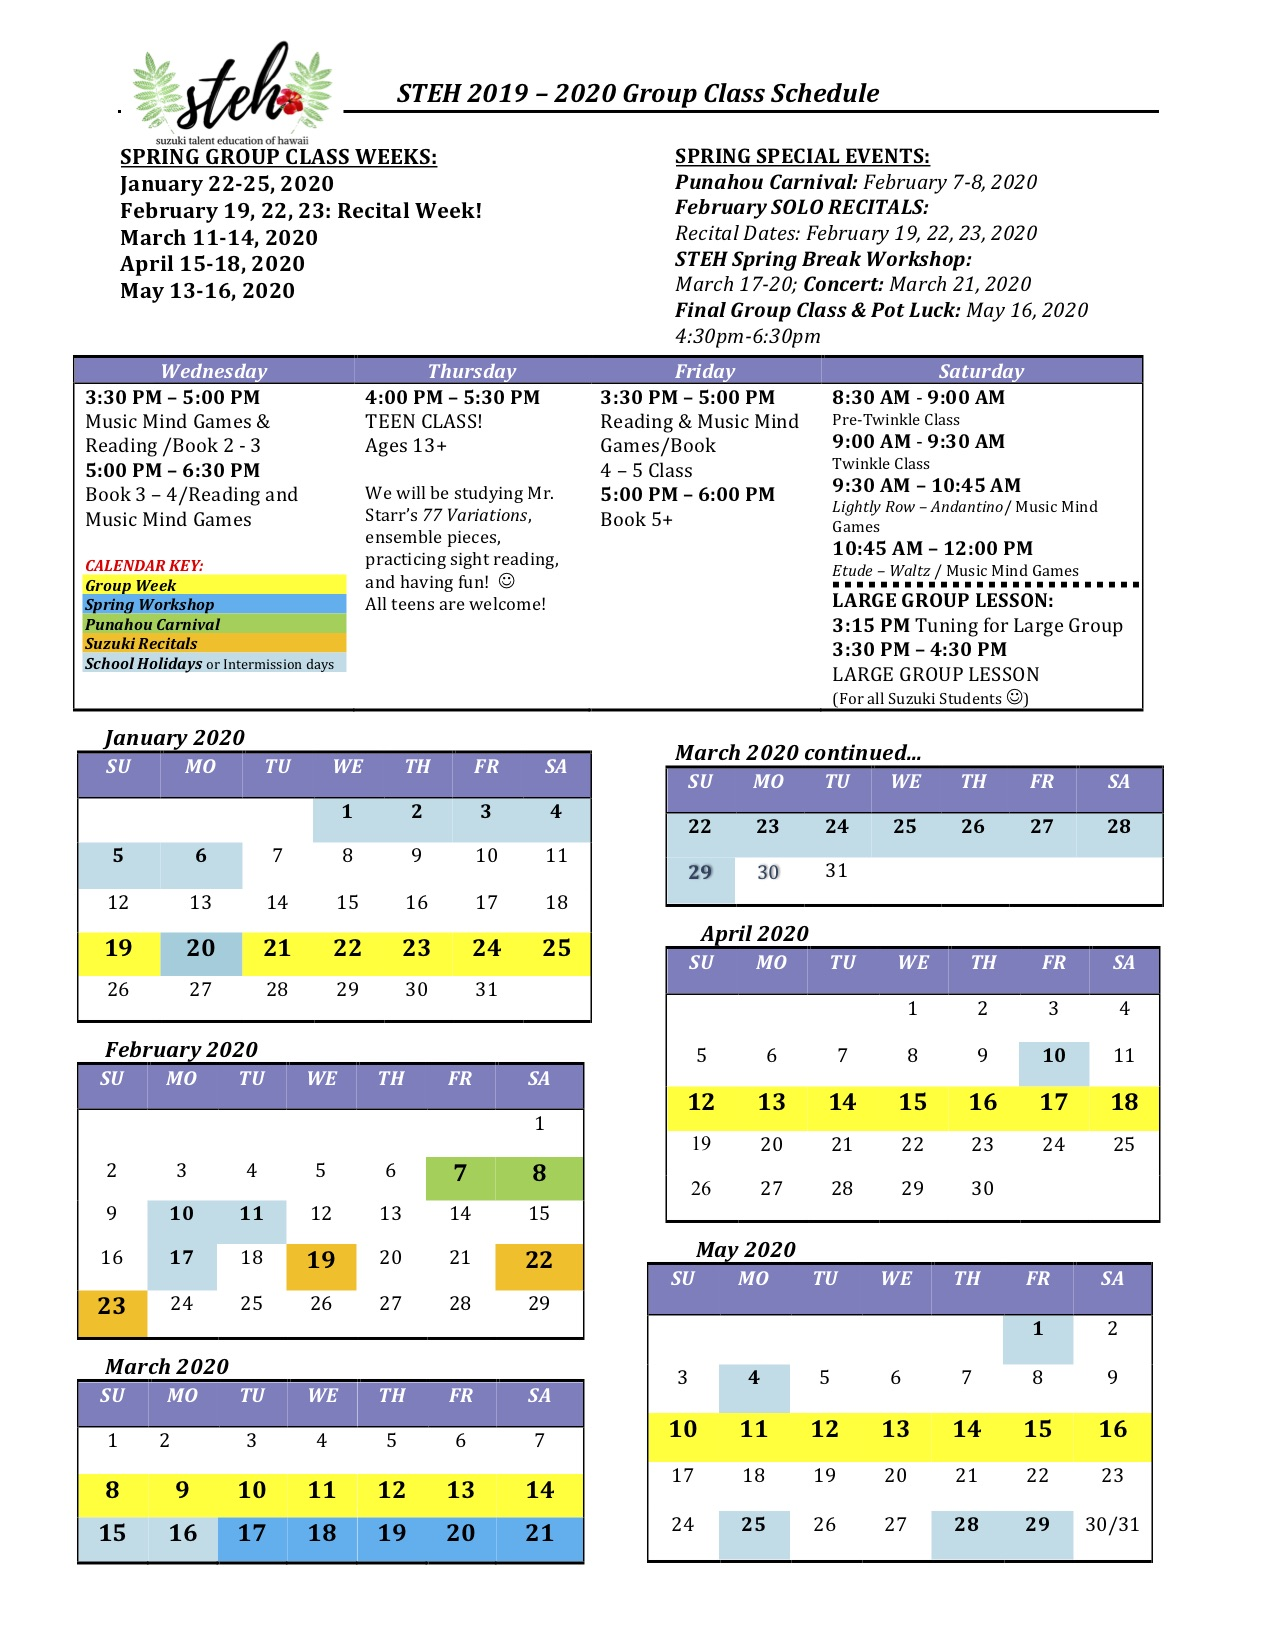 FINAL 2019 - 2020 STEH Group Class Schedule